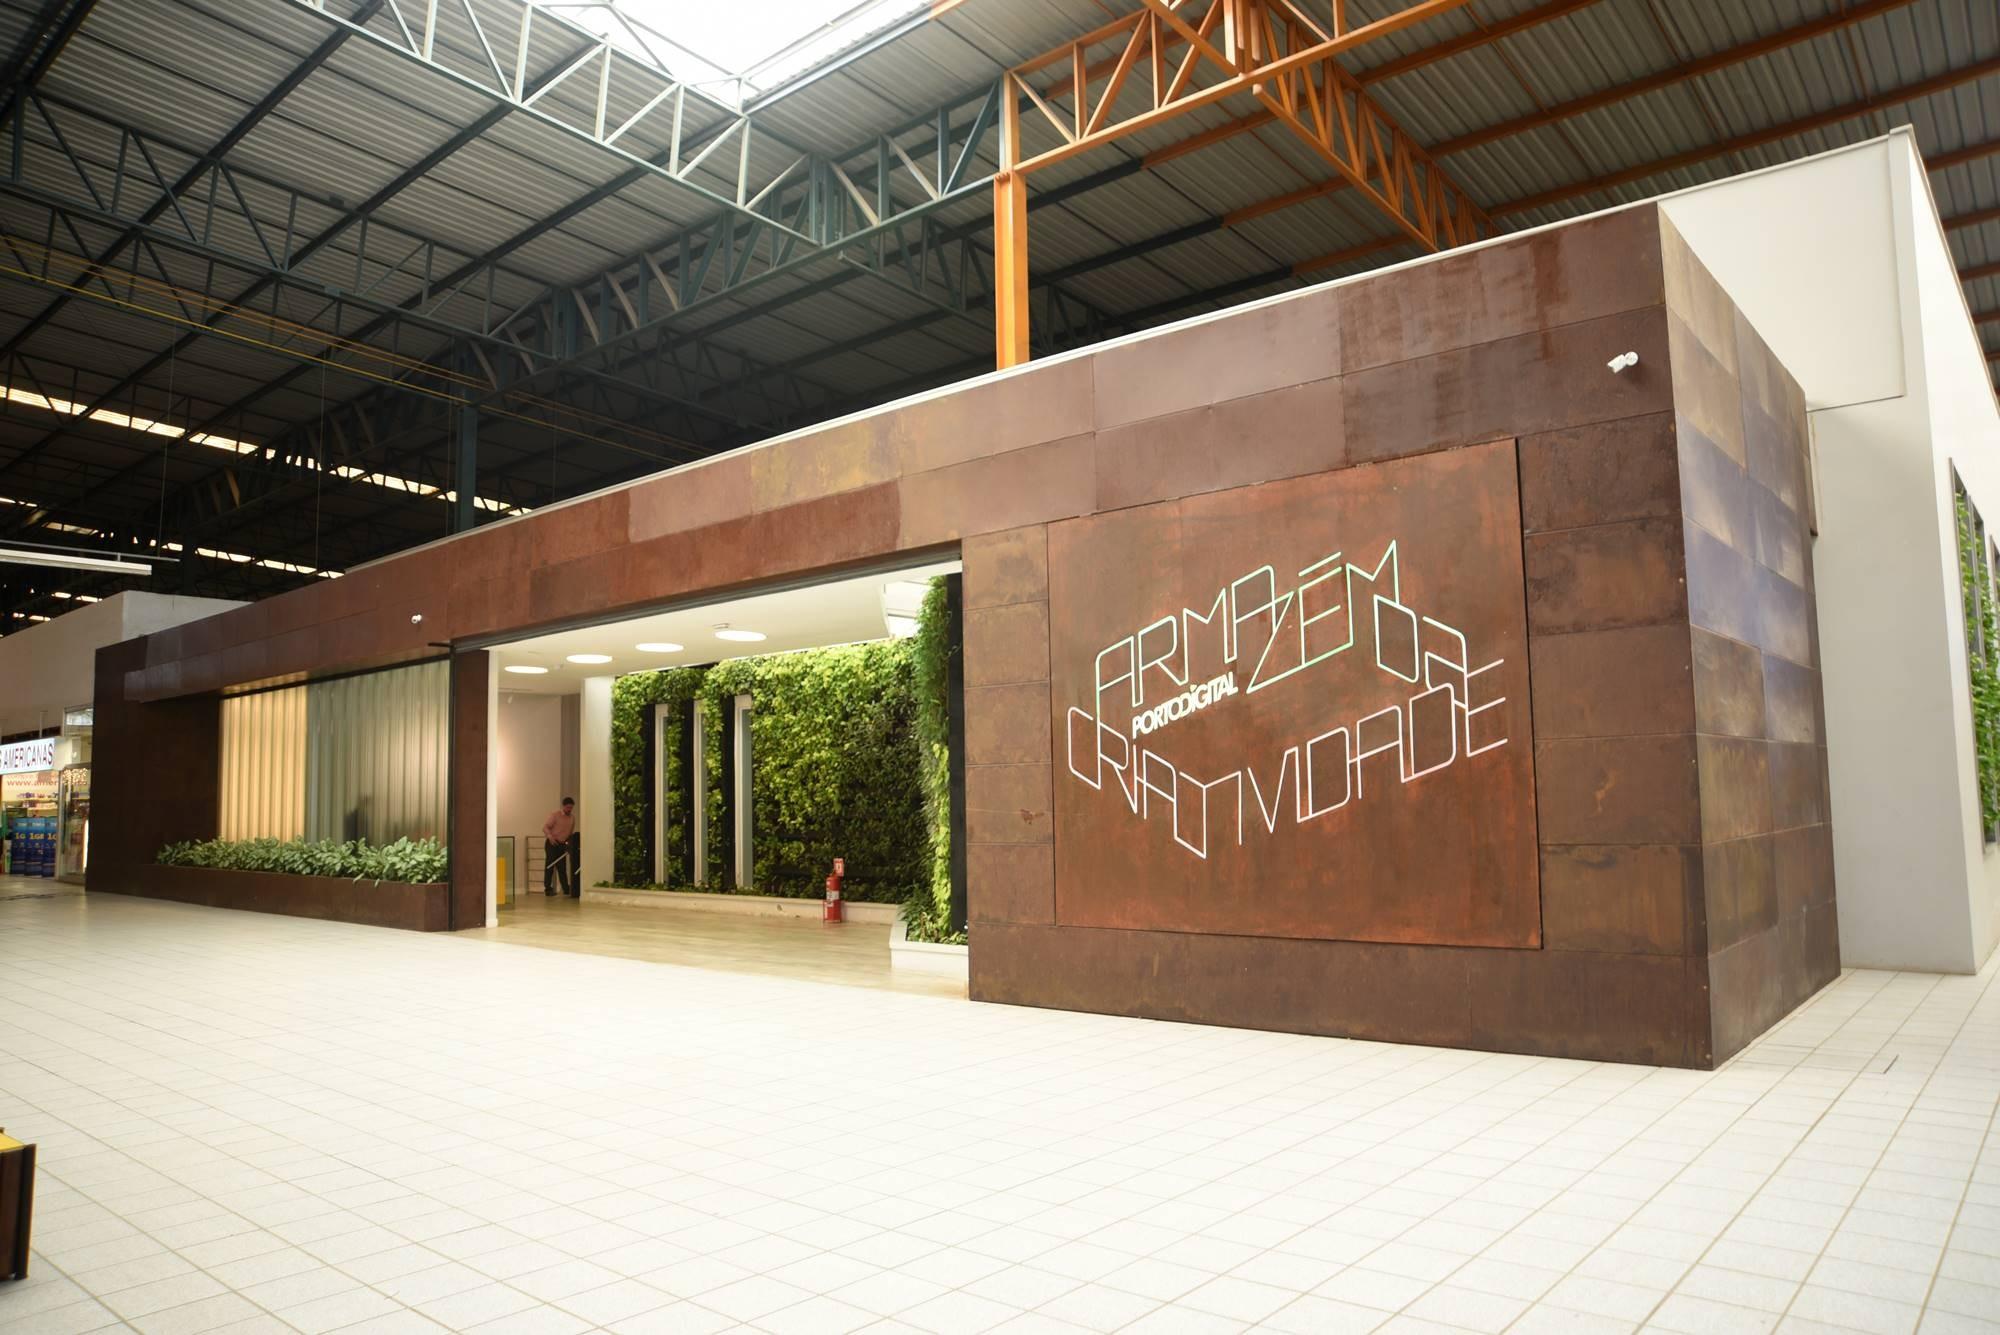 Armazém da Criatividade promove evento para estimular o empreendedorismo em Caruaru